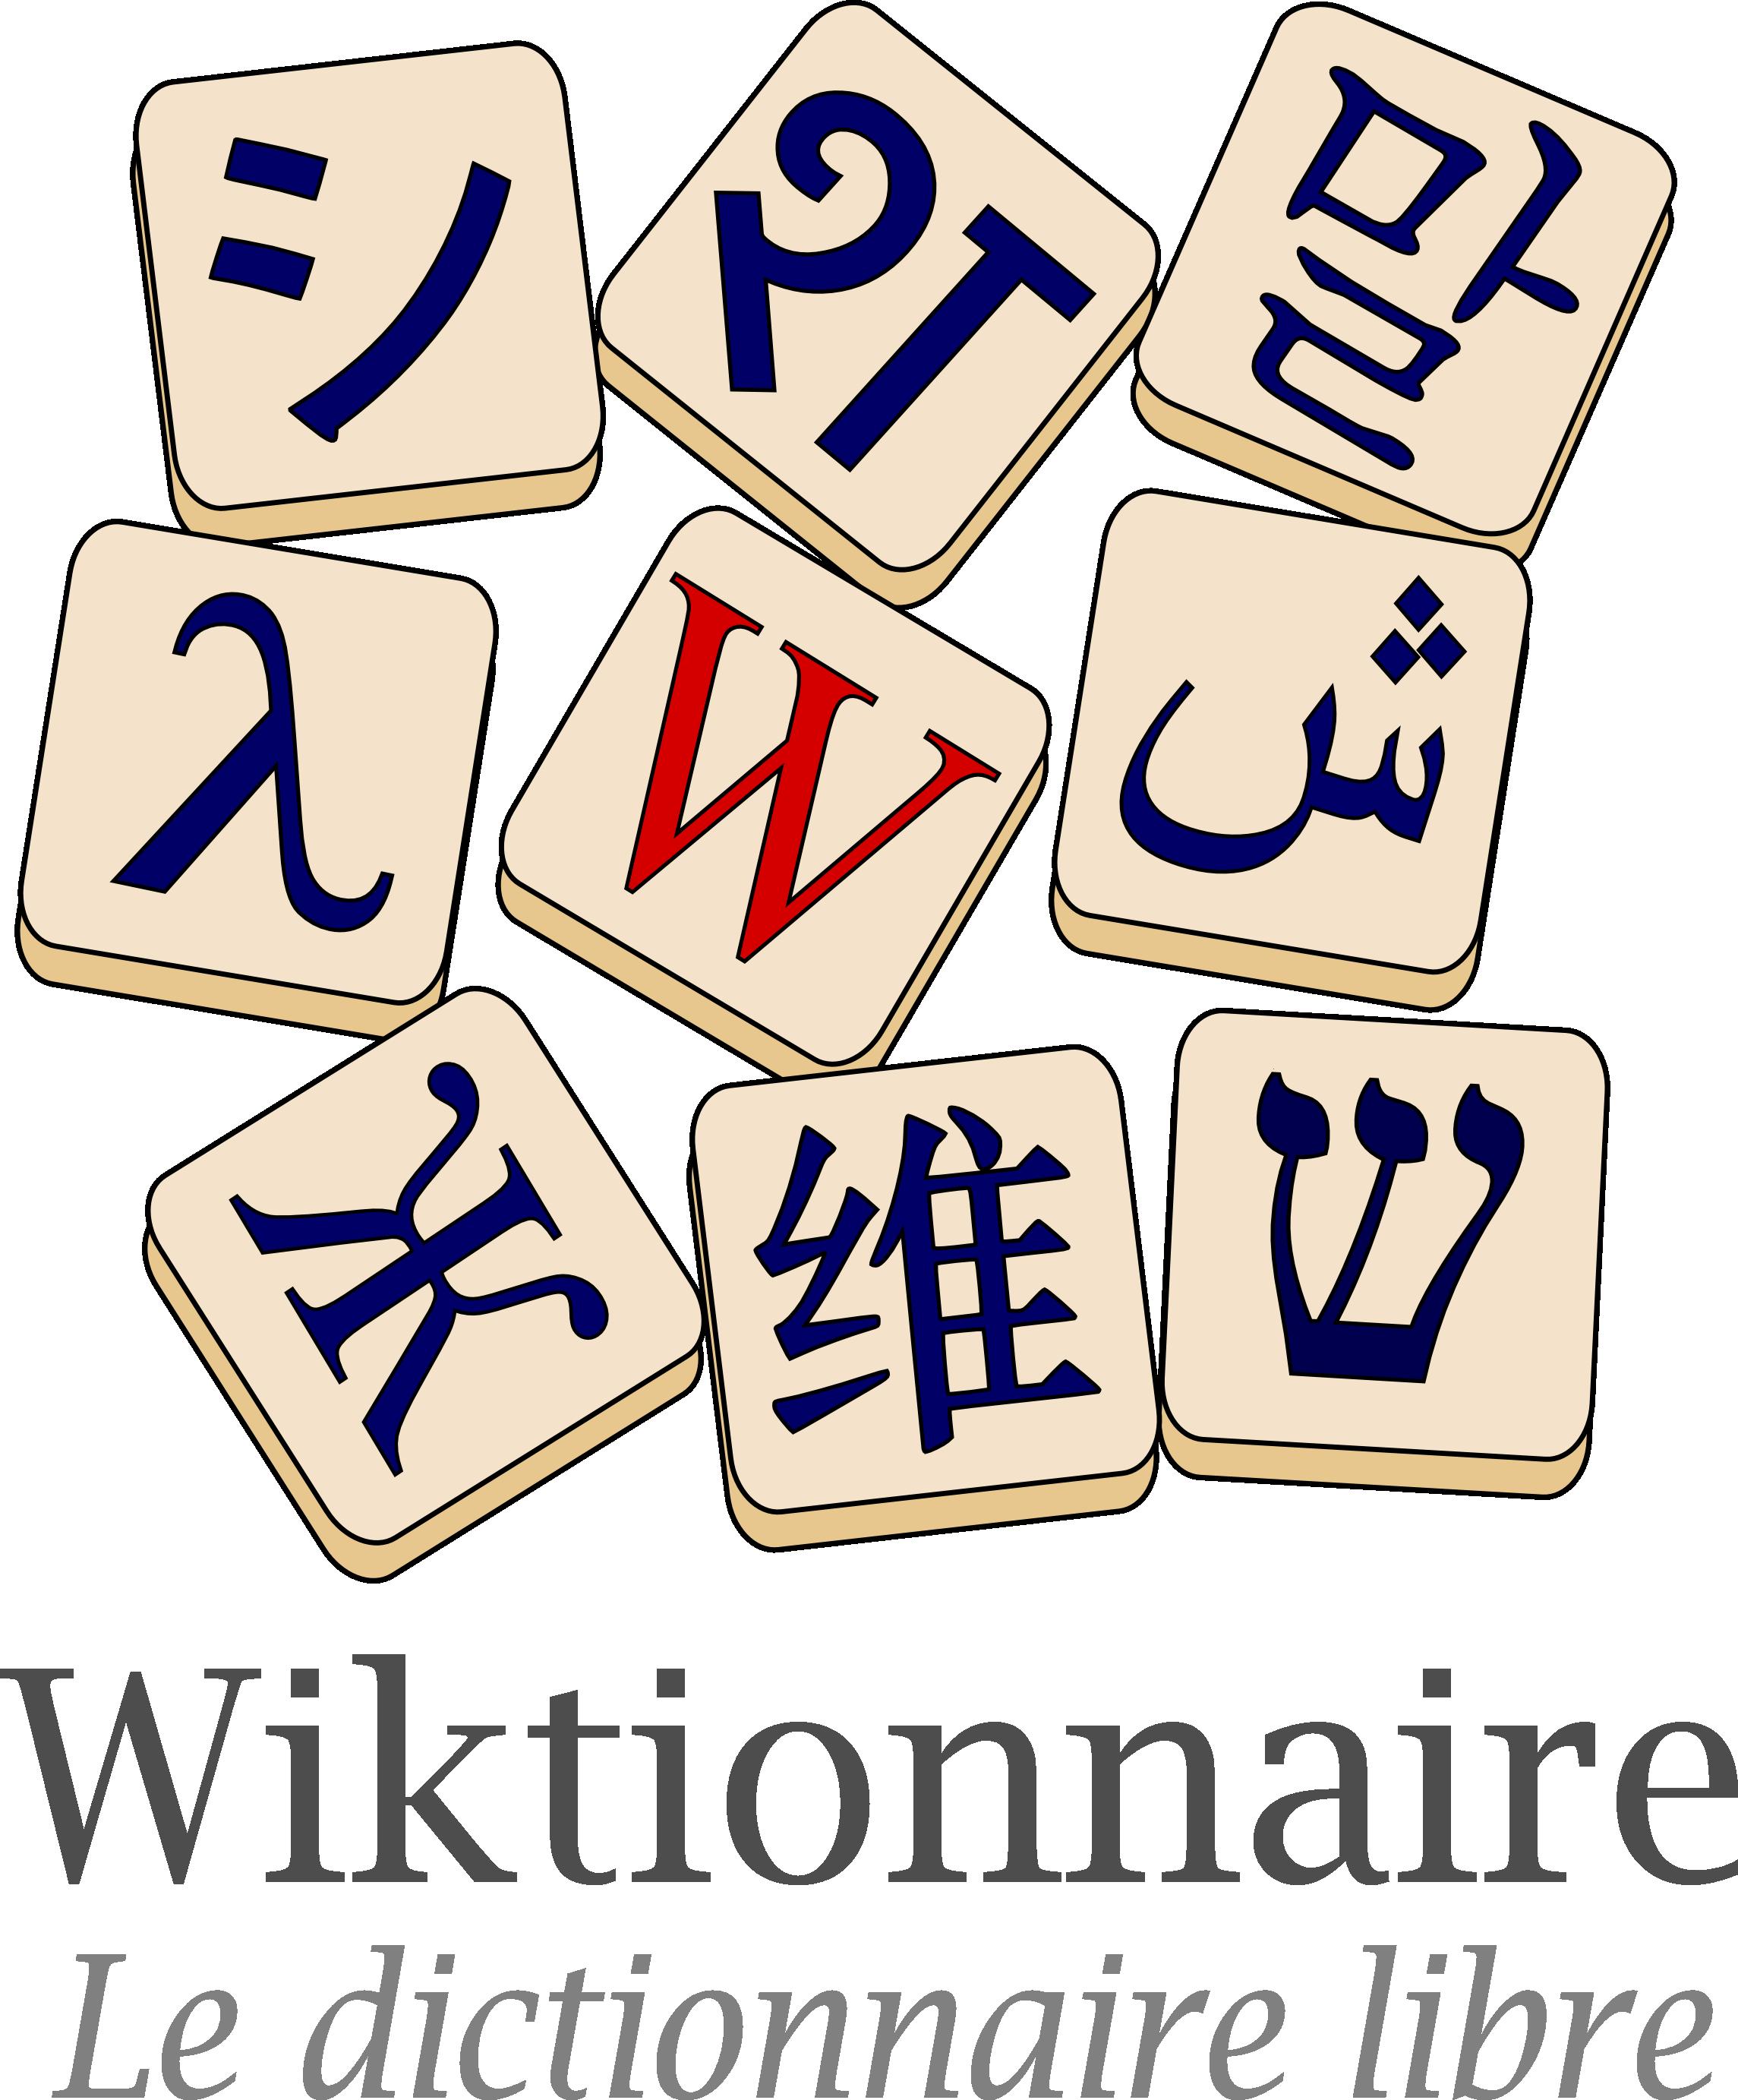 Wiktionnaire